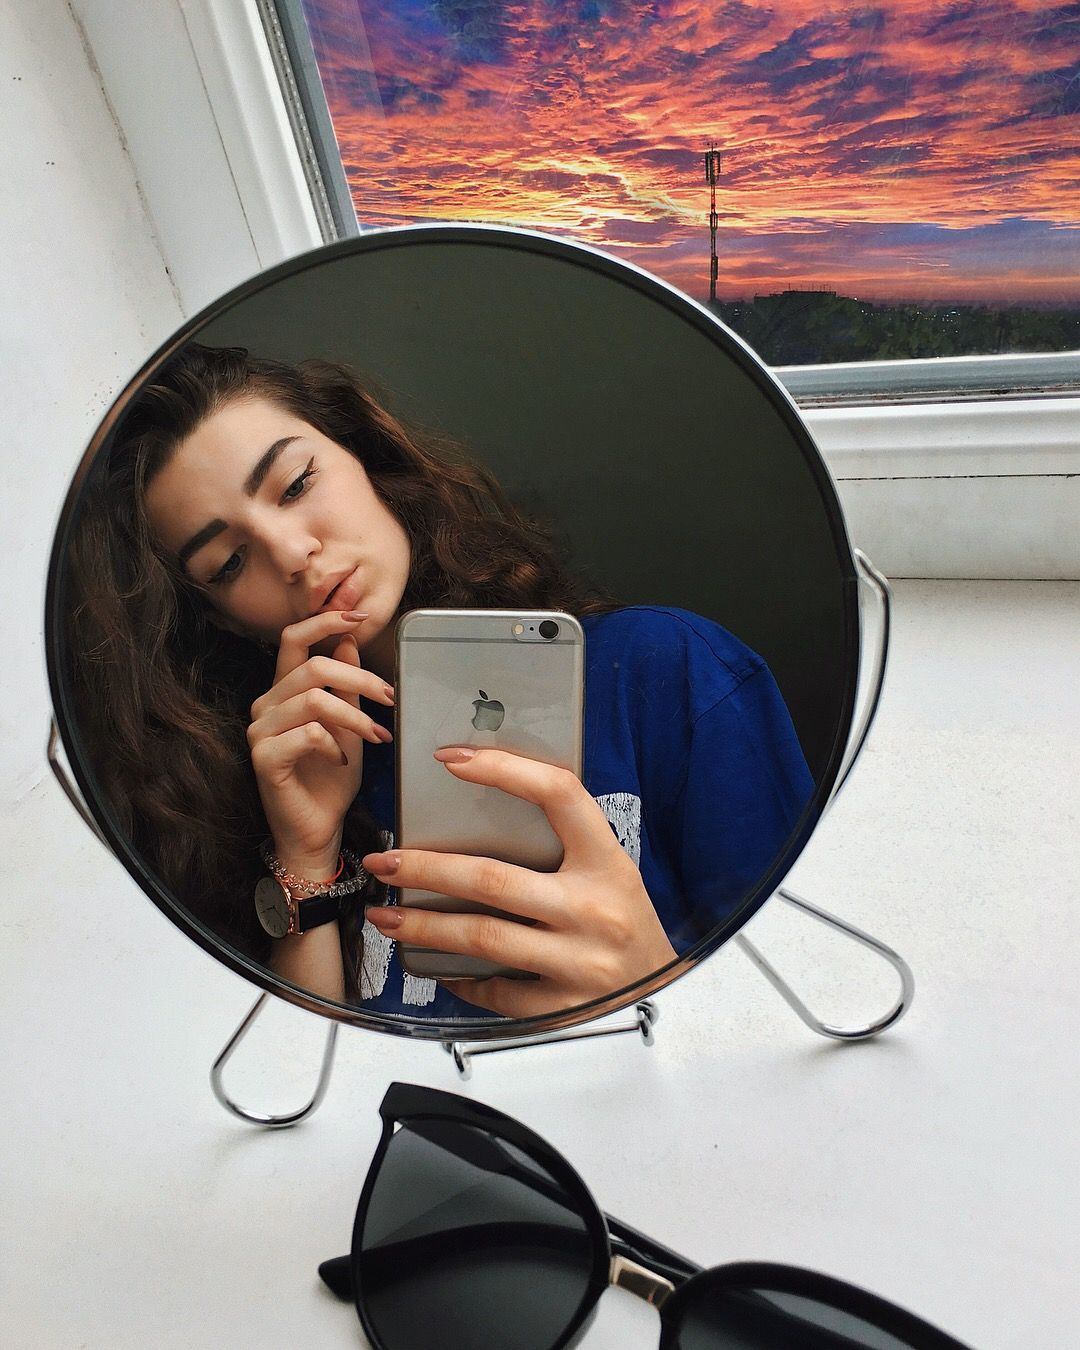 Как сделать красивое фото в домашних условиях